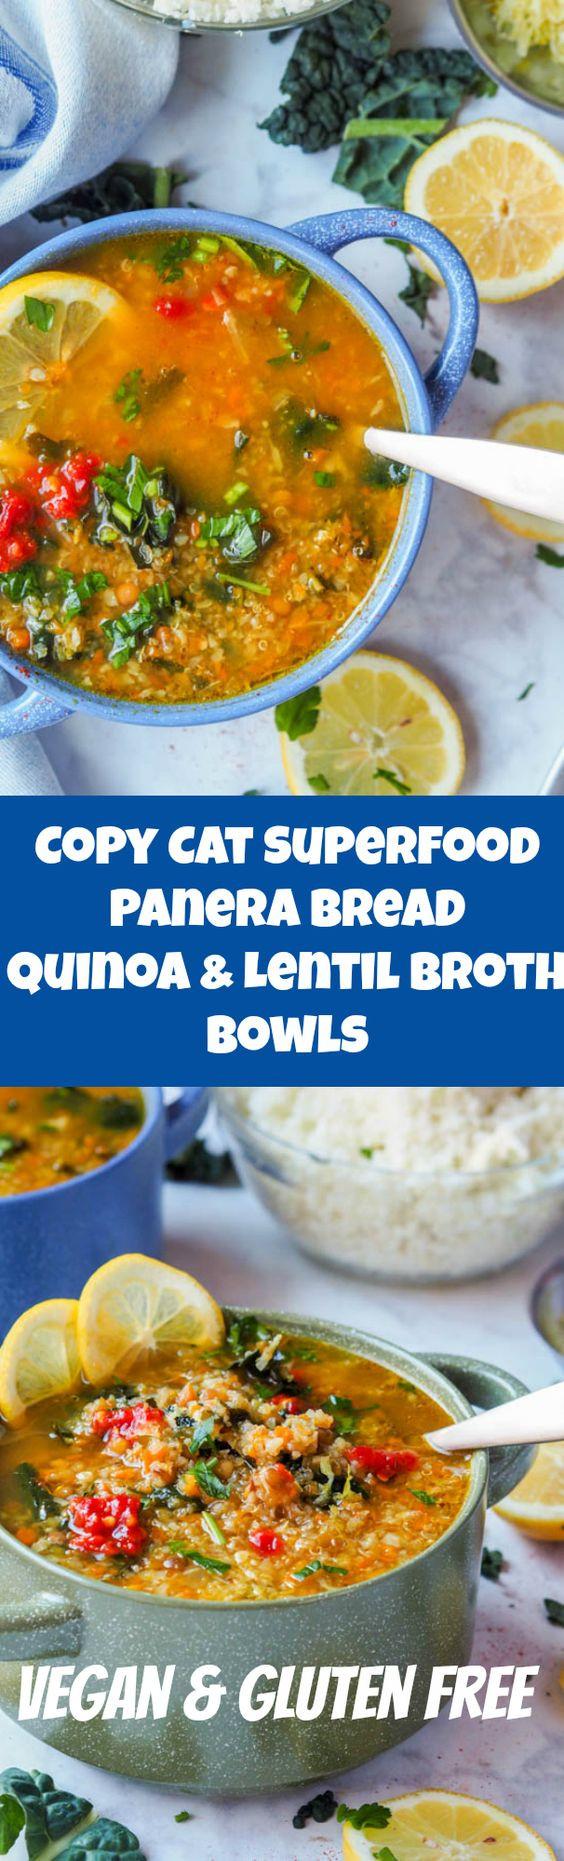 Vegan Lentil Quinoa Broth Bowl  Panera Broth Bowl with Lentils Quinoa and Veggies GF